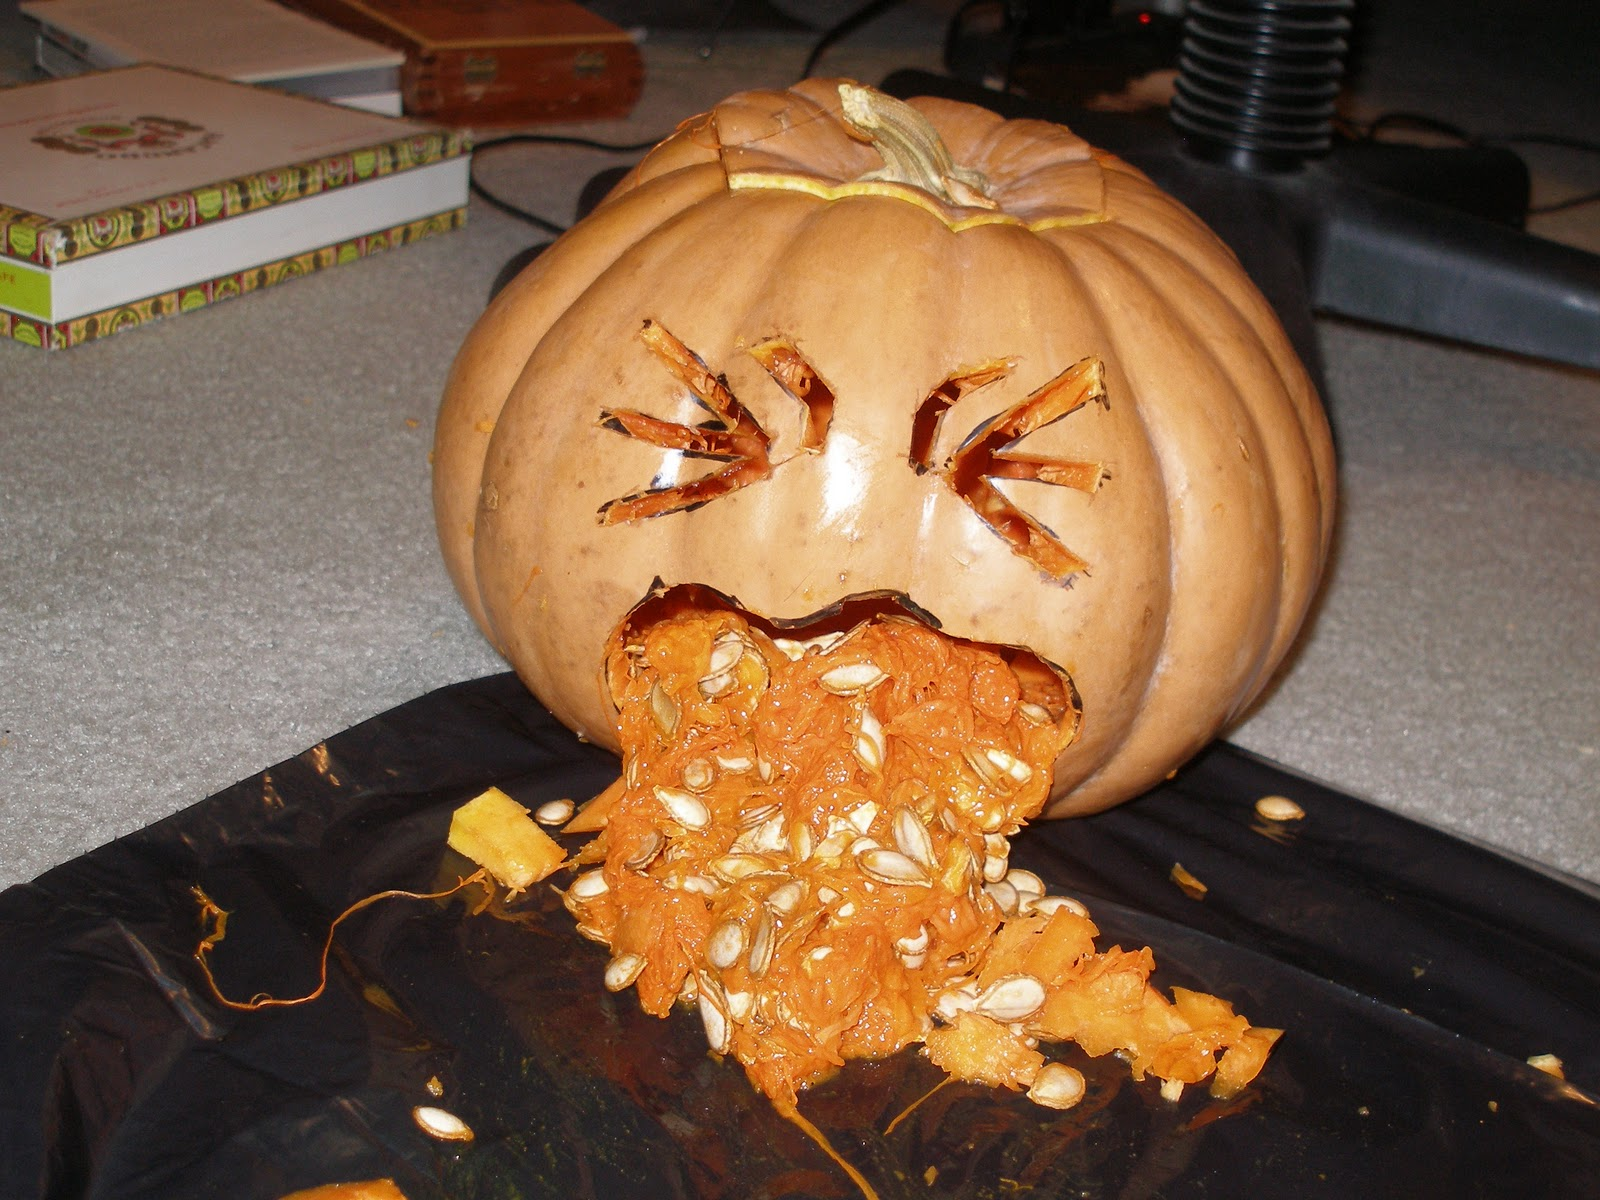 Pumpkin Throwing Up Beer Viewing Gallery